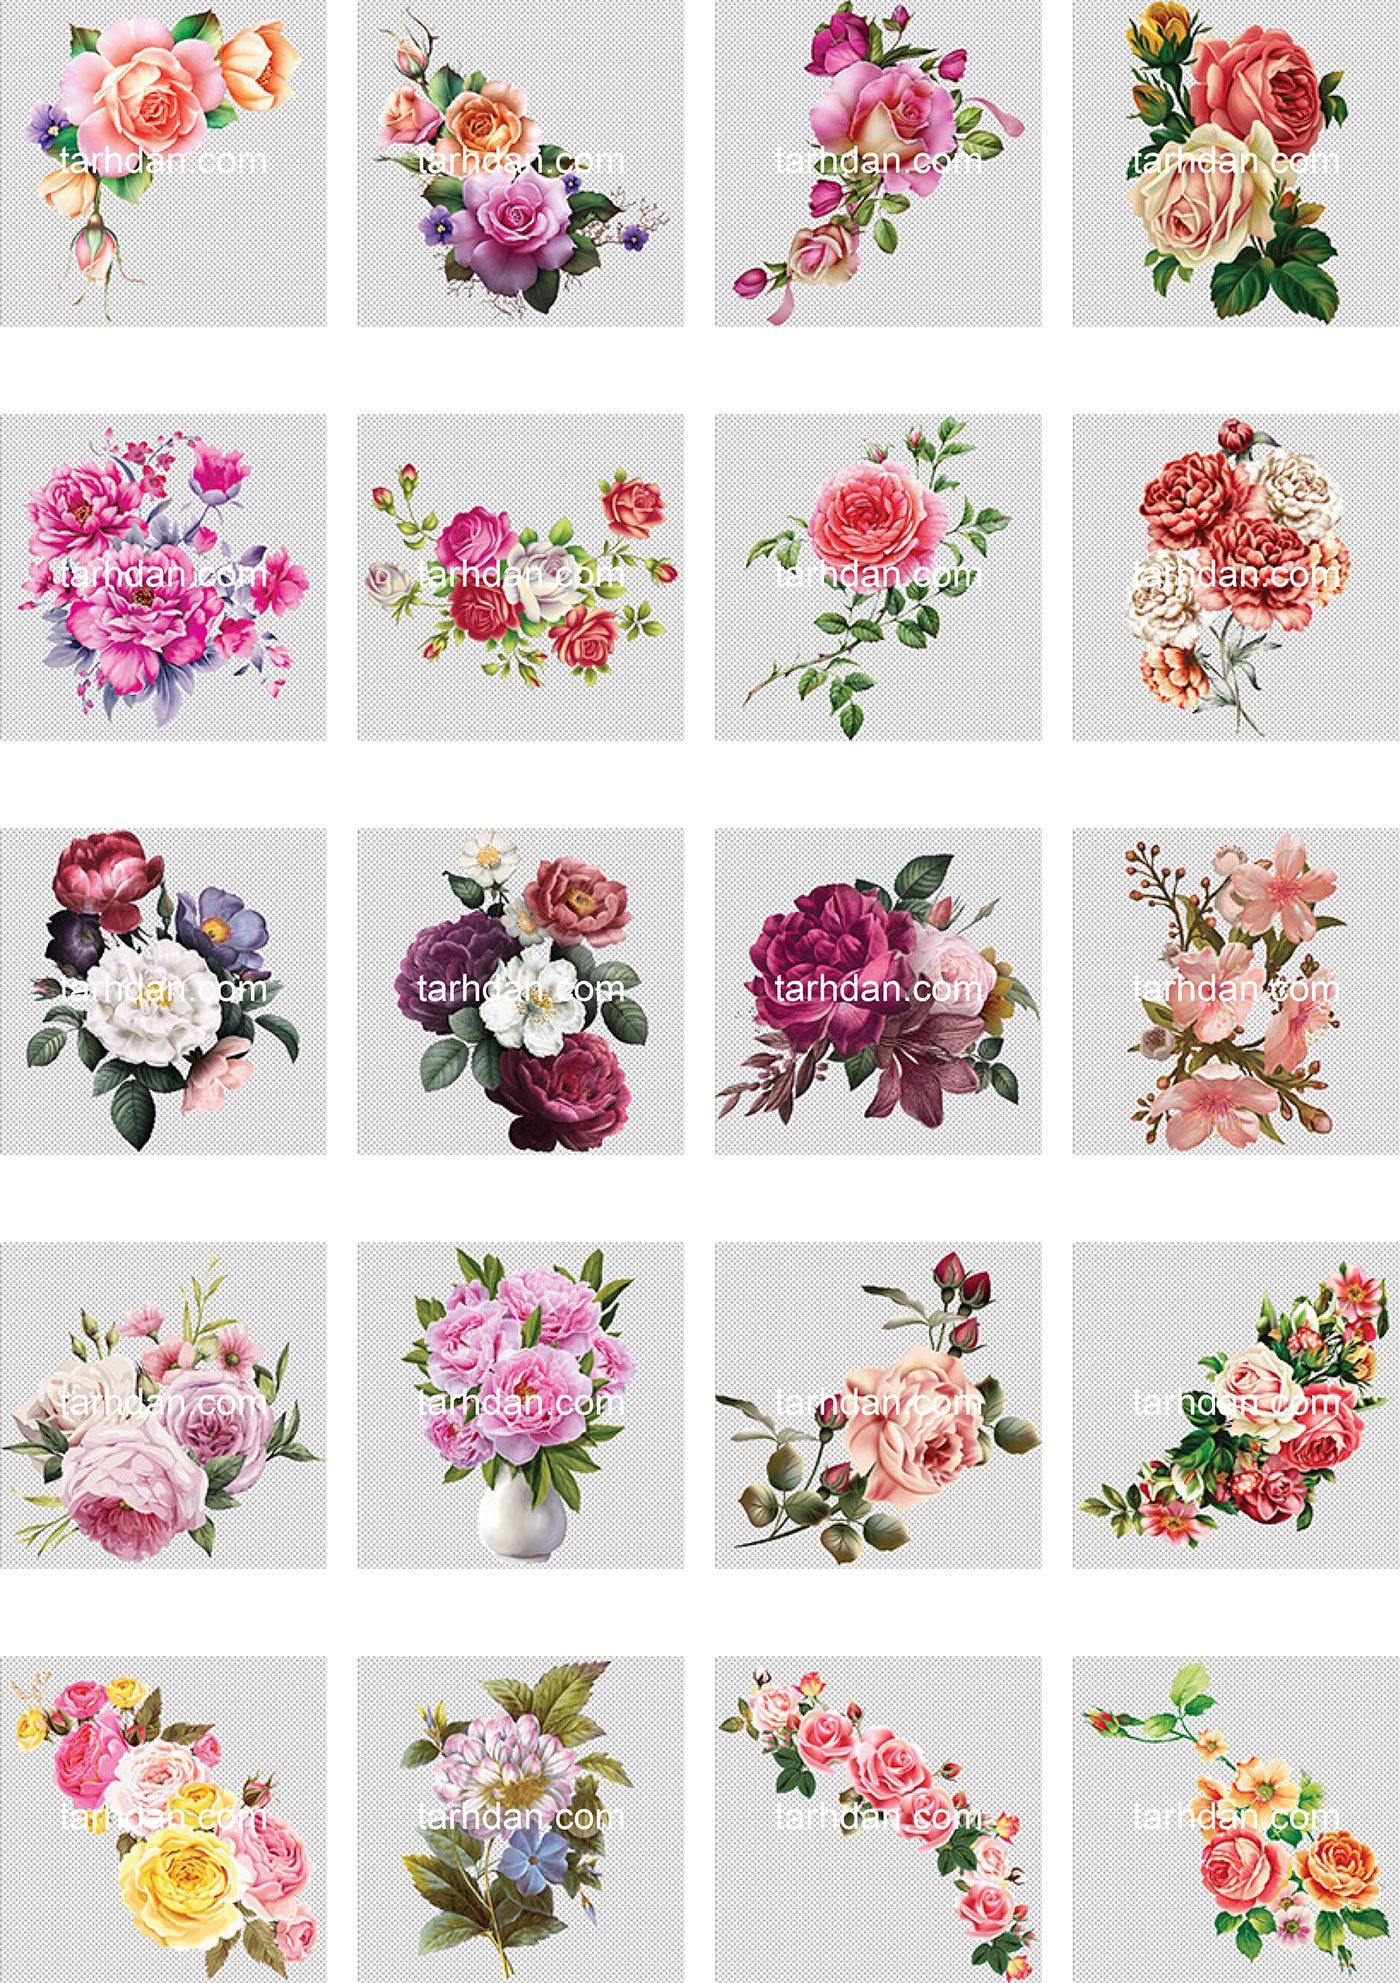 دانلود مجموعه دور بری شده عکس گل (3)